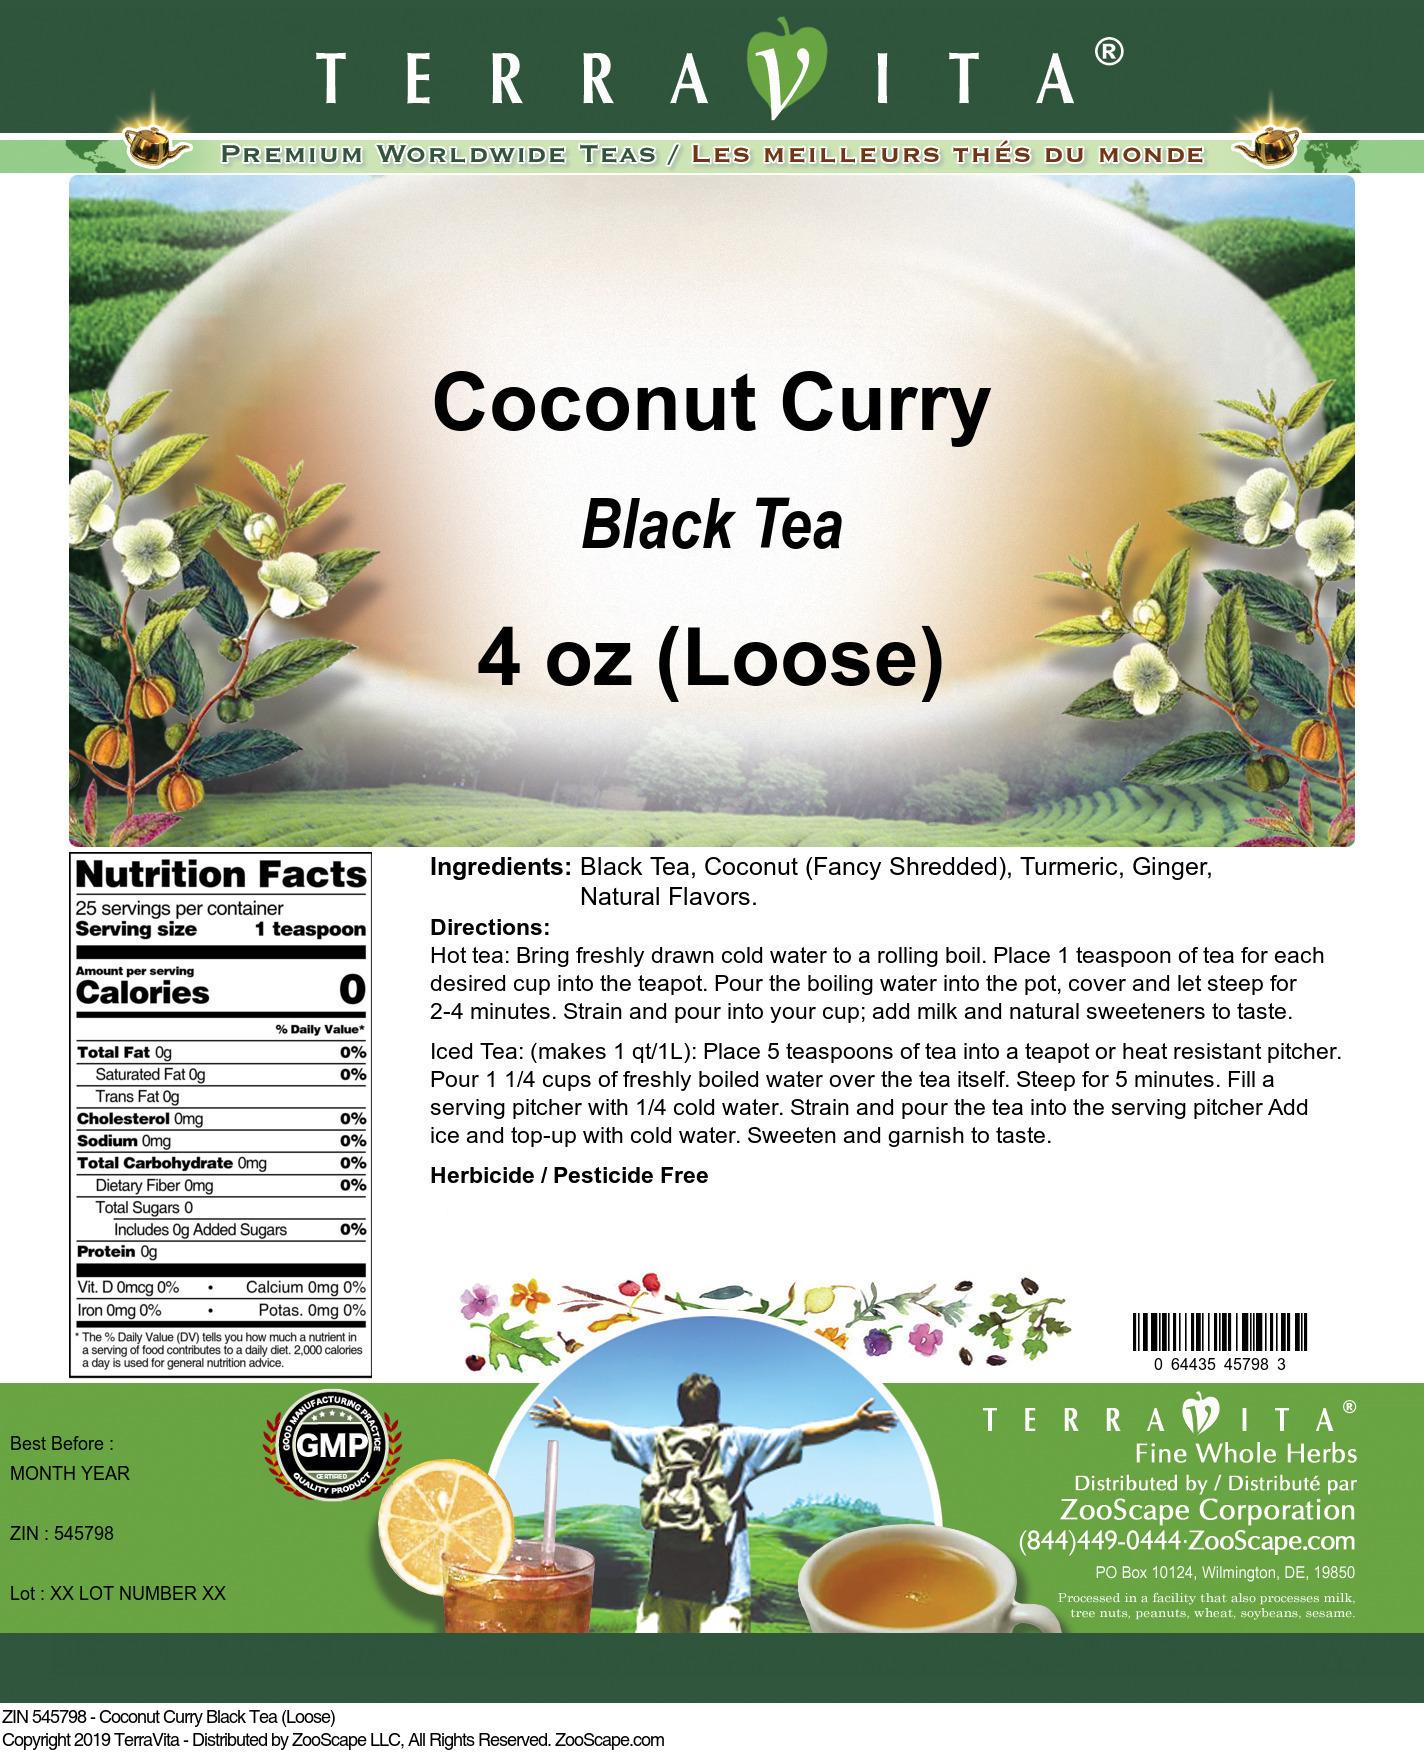 Coconut Curry Black Tea (Loose)